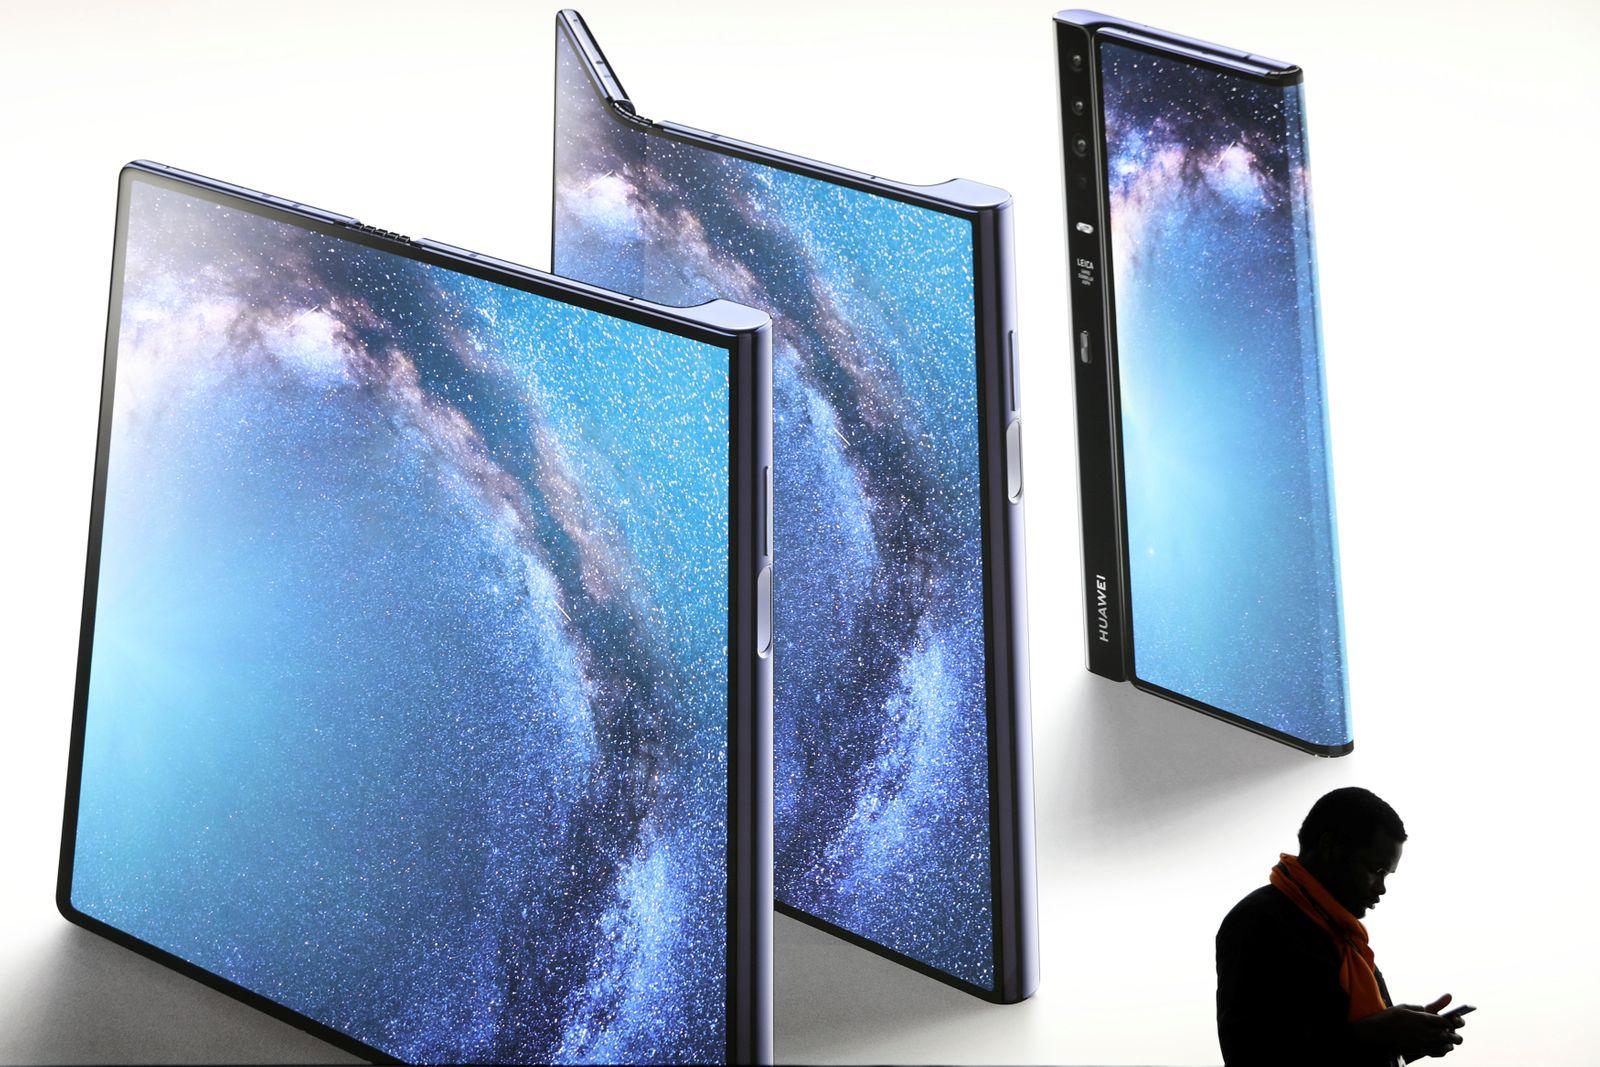 Huawei/ Mobile World Congress